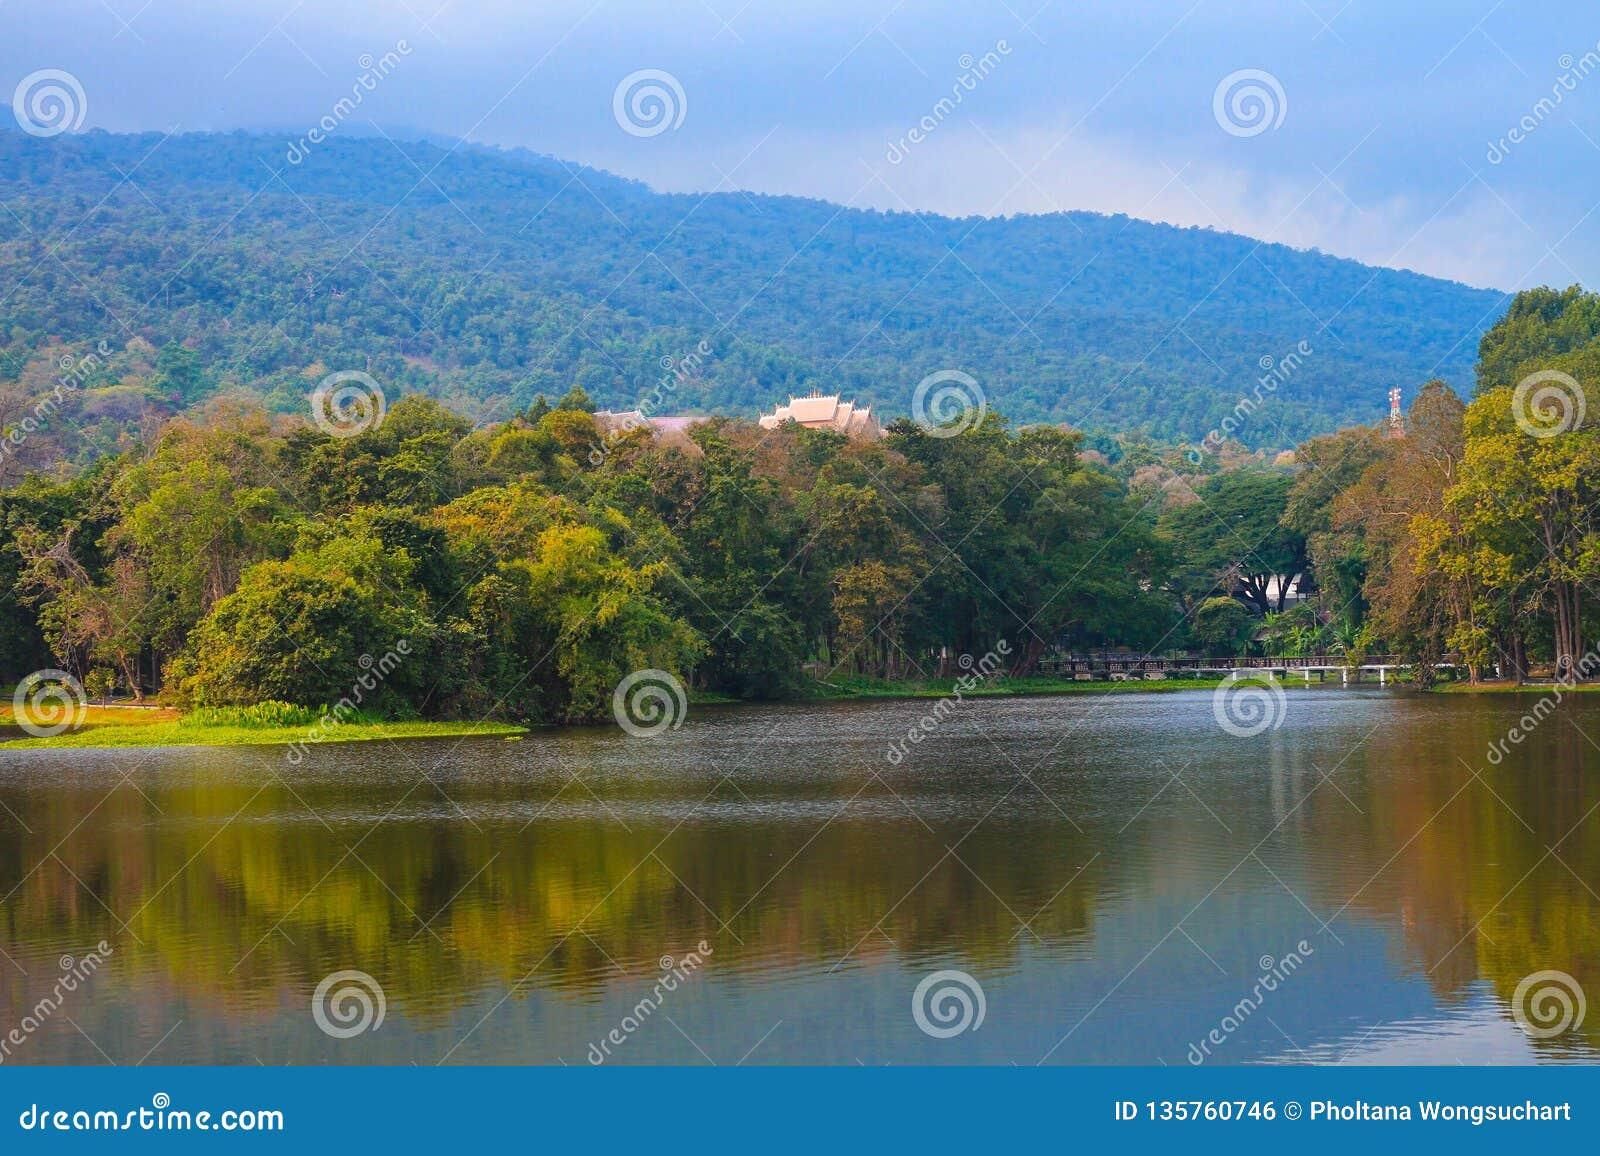 Depósito adyacente a bosques y a montañas